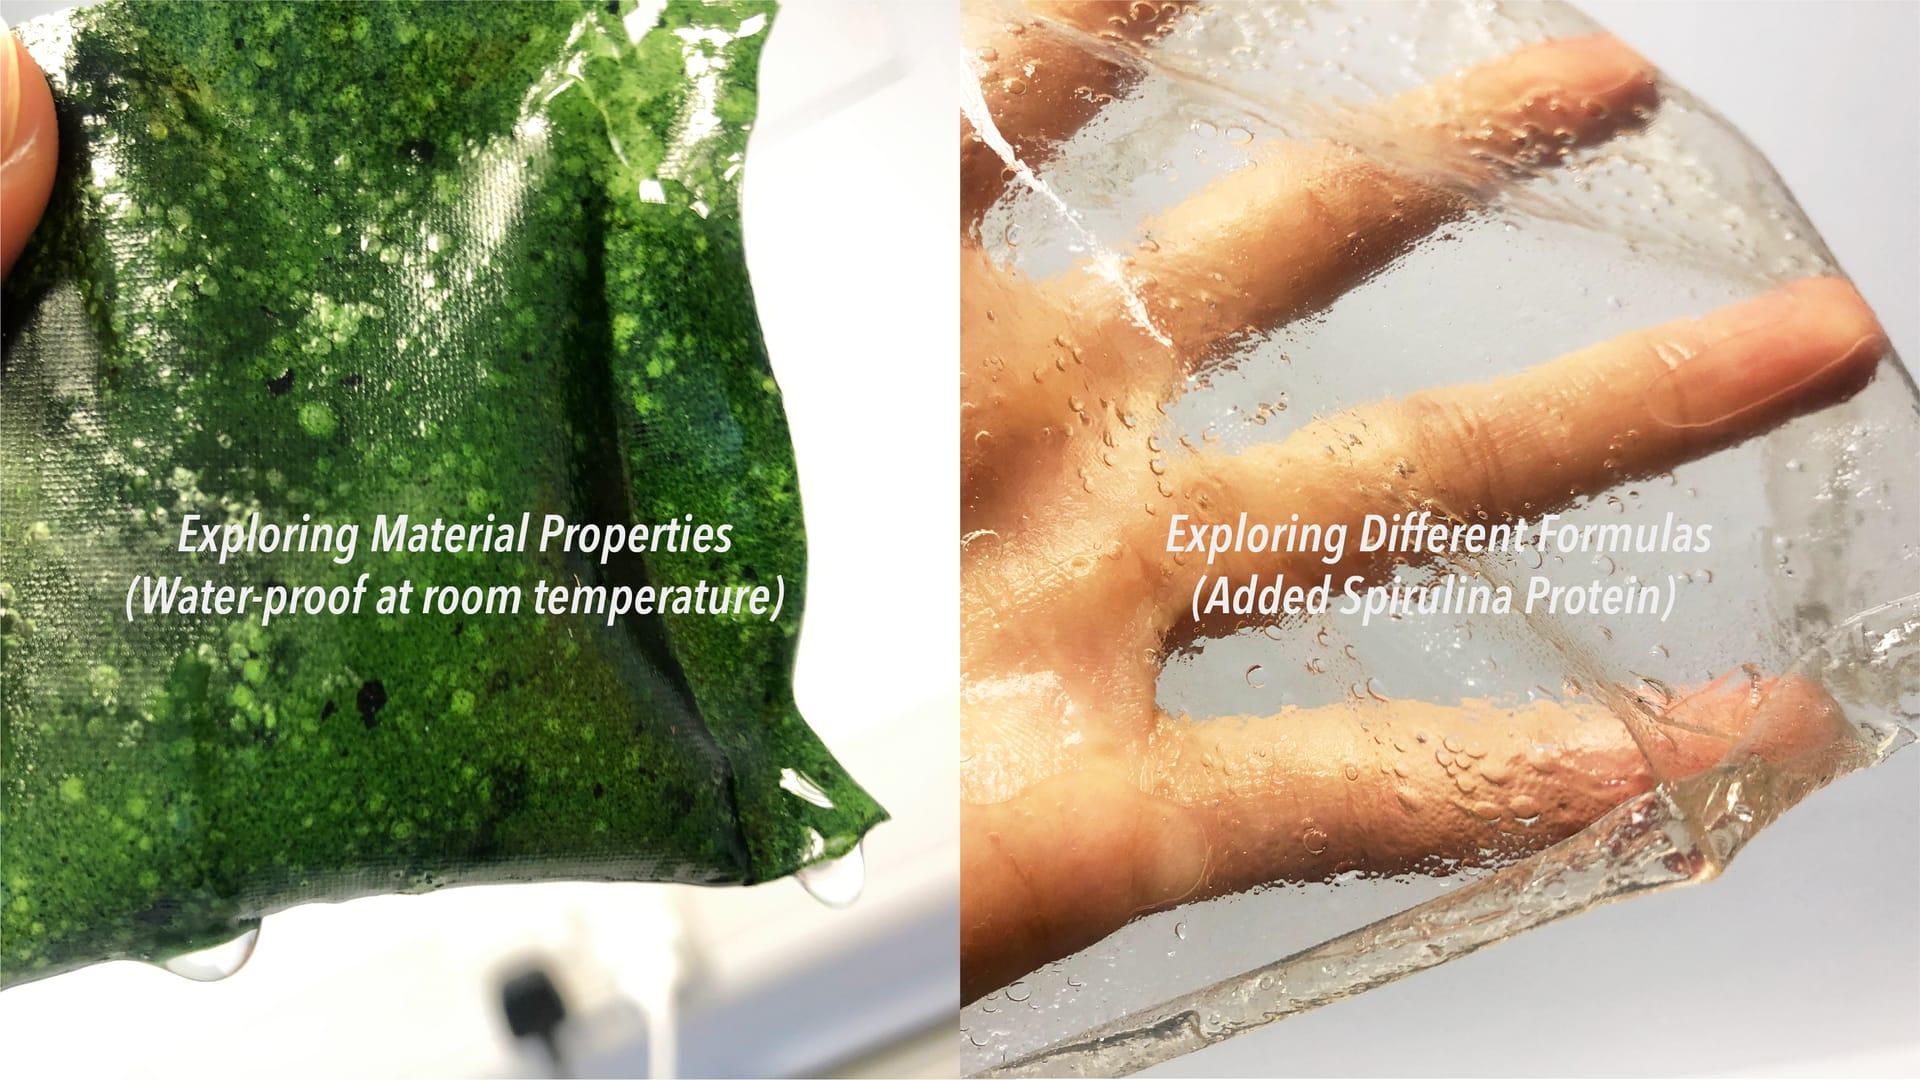 Exploring material properties